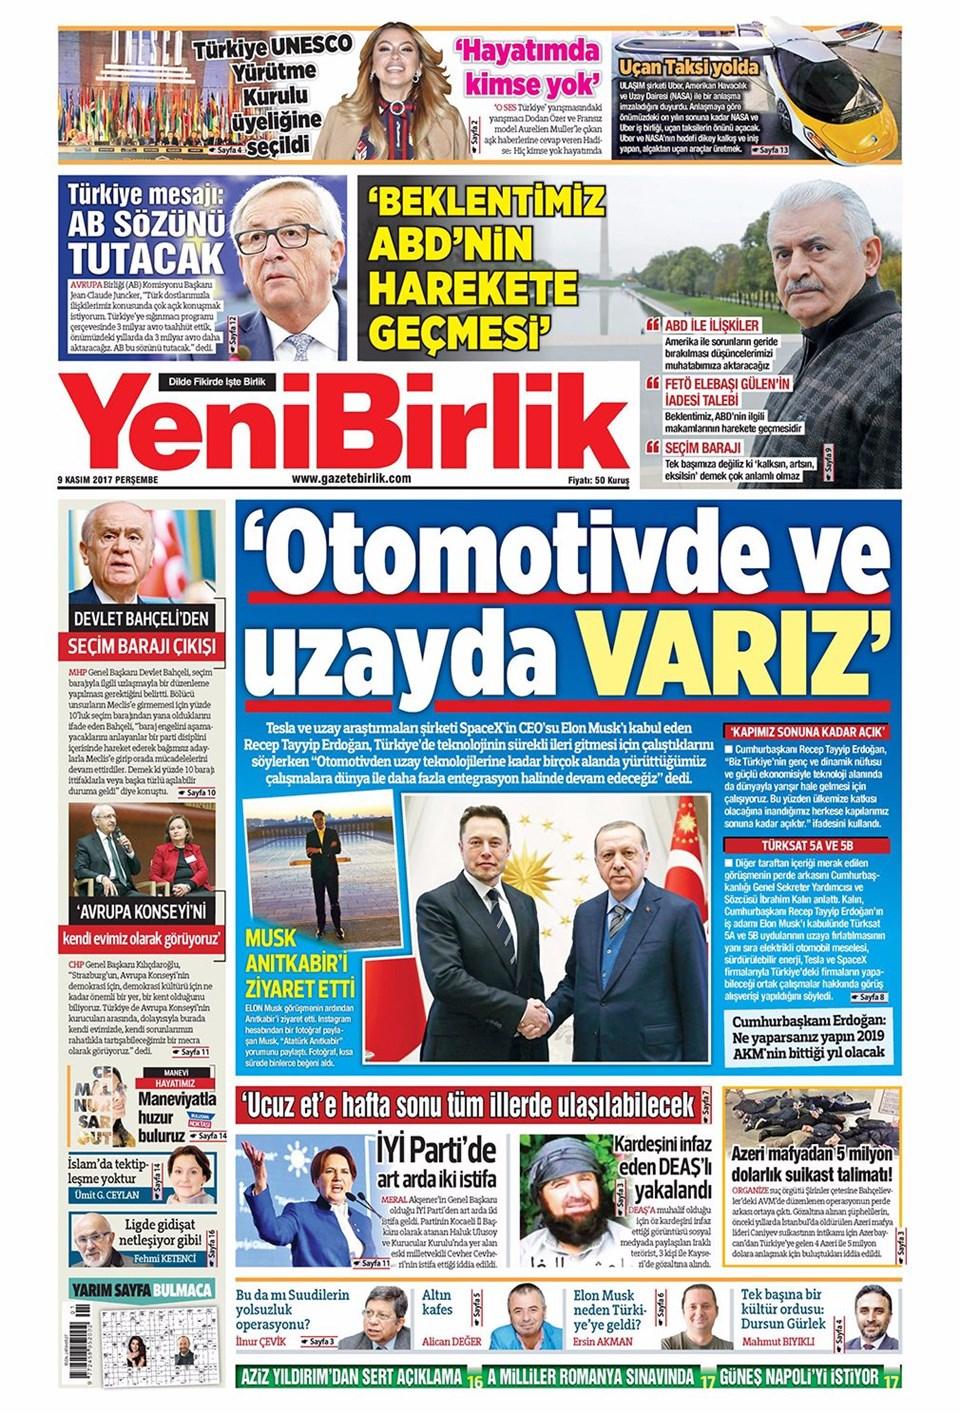 Basında bugün kim ne manşet attı? 9 kasım günün gazete manşetleri 3